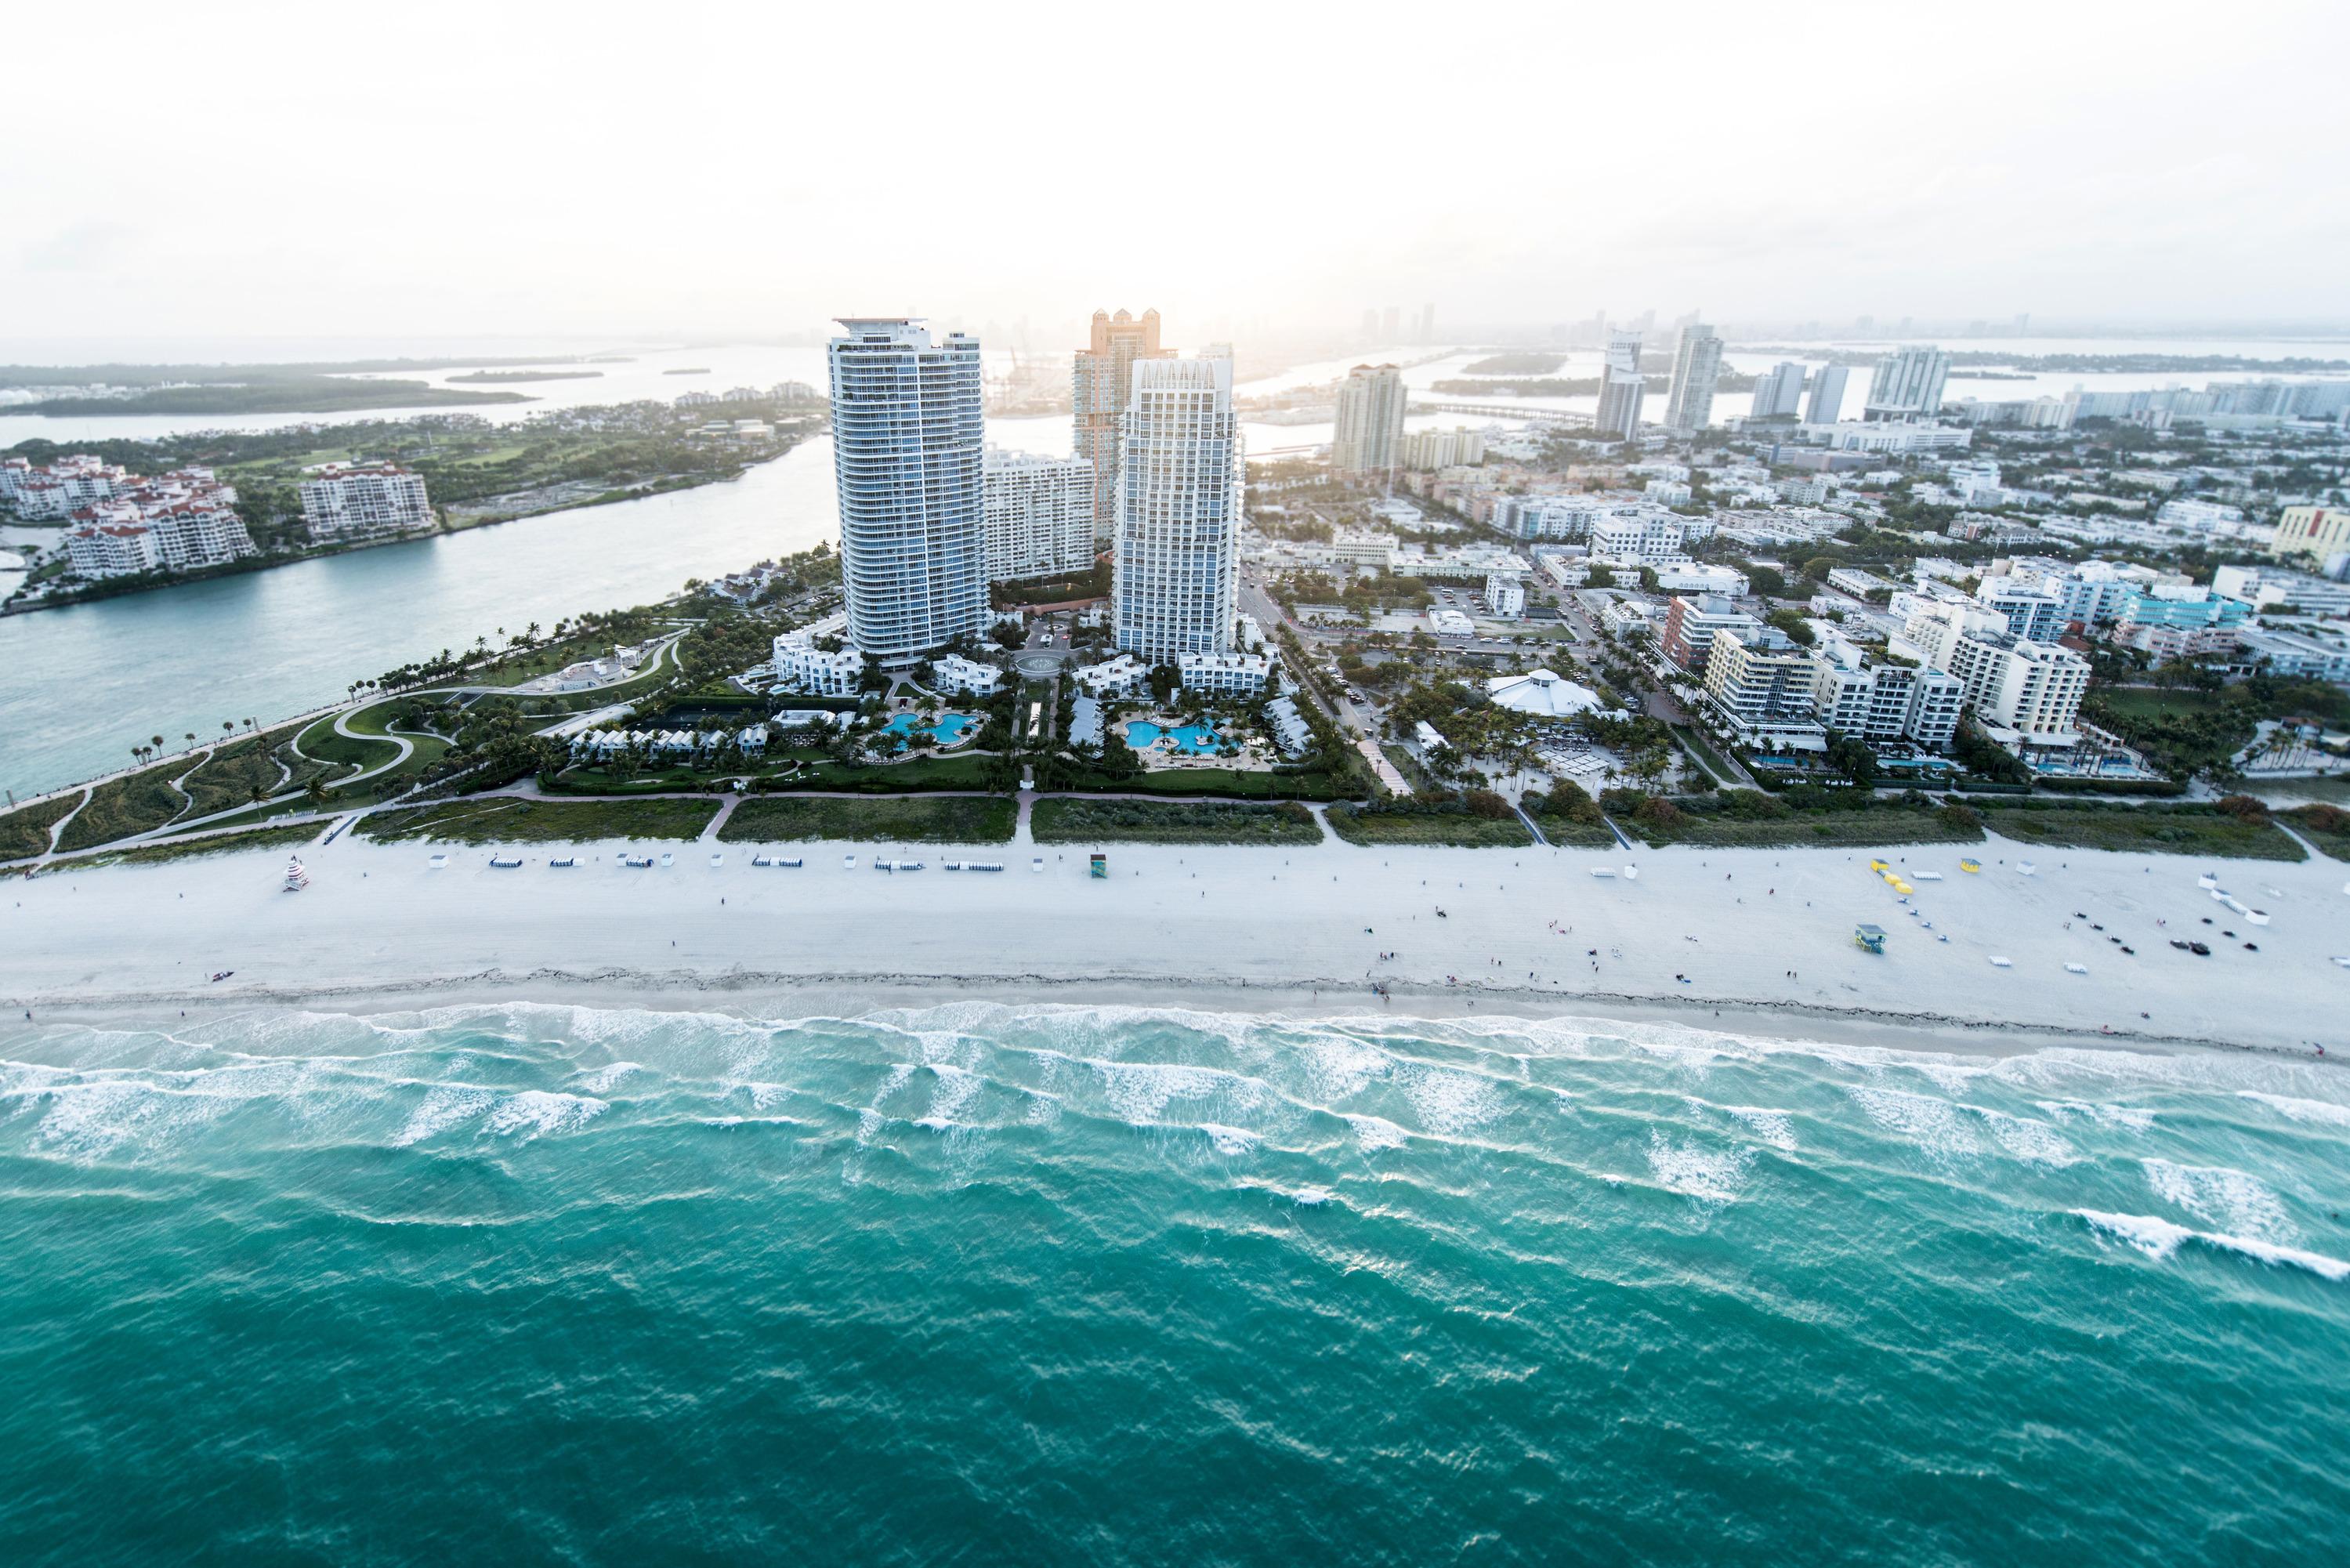 Charter a Private Jet to Miami, FL